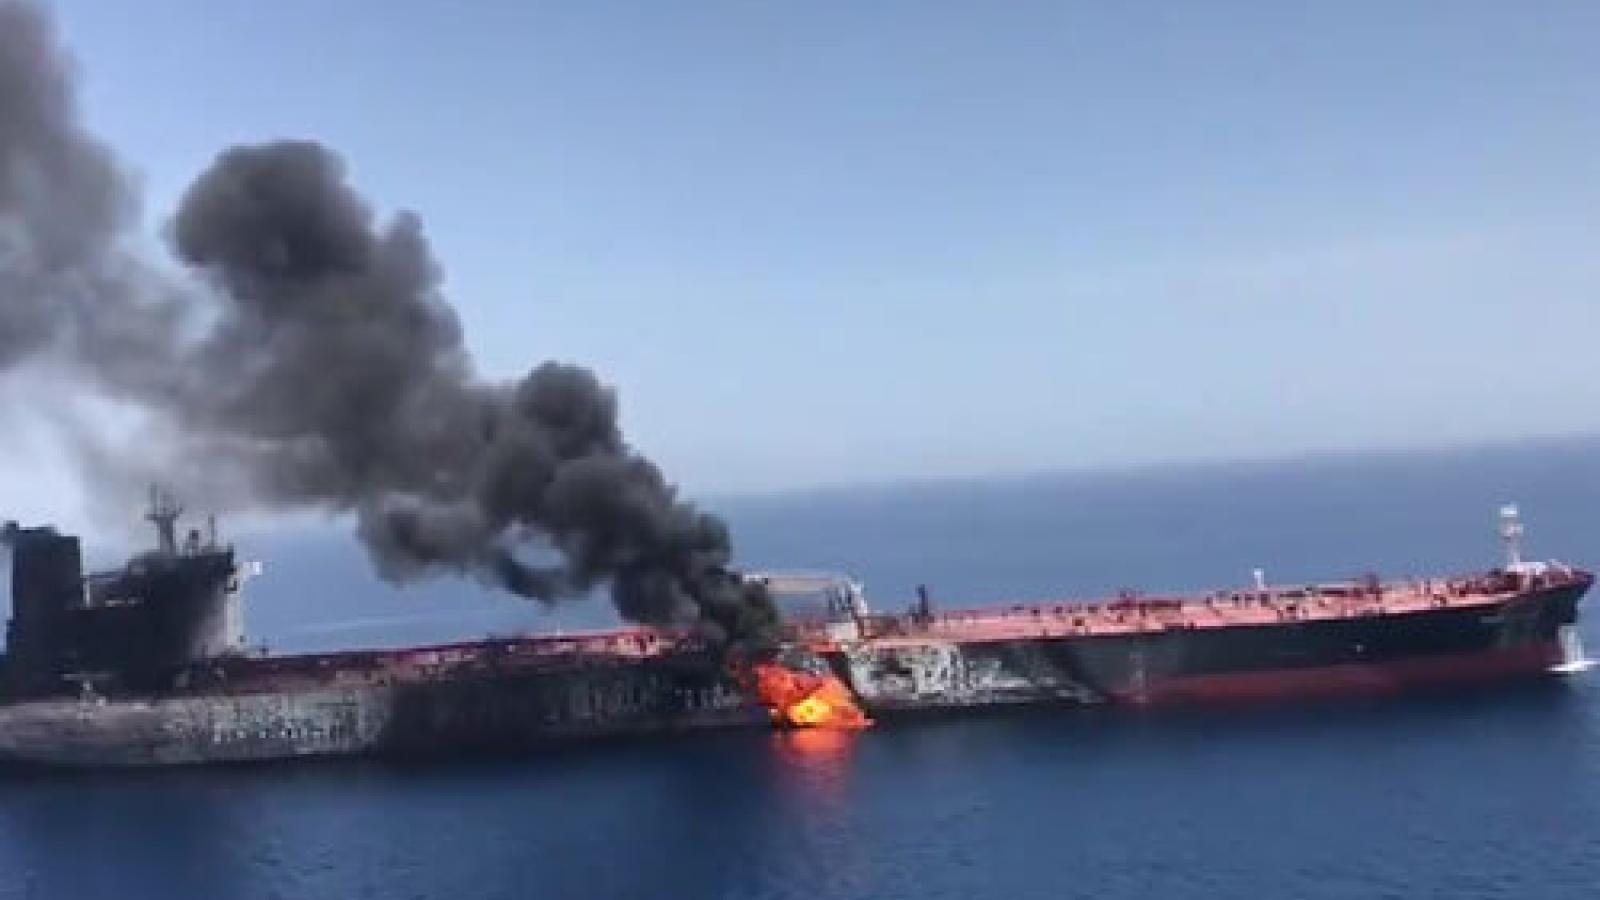 Bộ trưởng Quốc phòng Israel: Iran phải chịu trách nhiệm vụ nổ trên tàu ở vịnh Oman